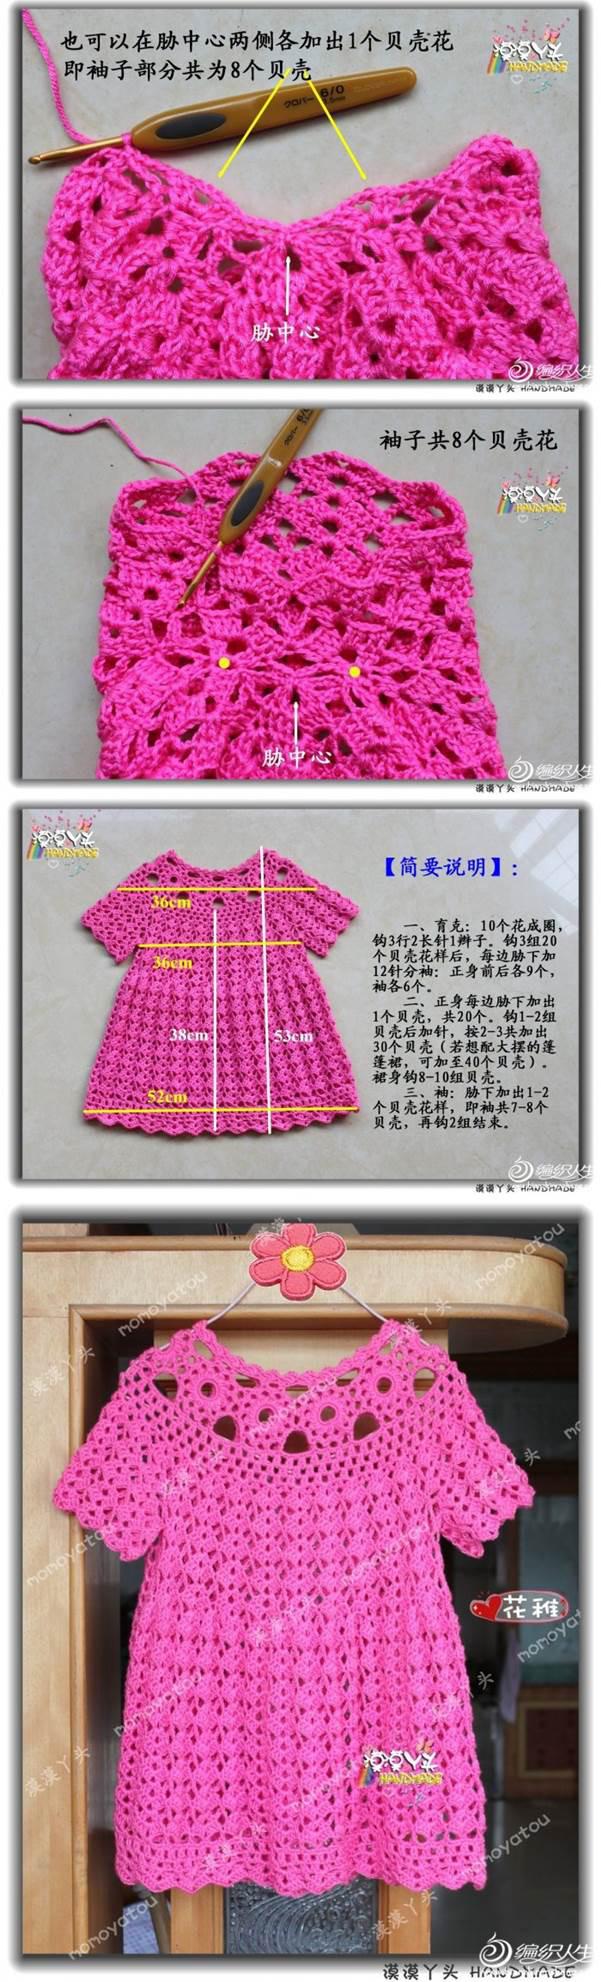 DIY-Beautiful-Crochet-Dress-00-08